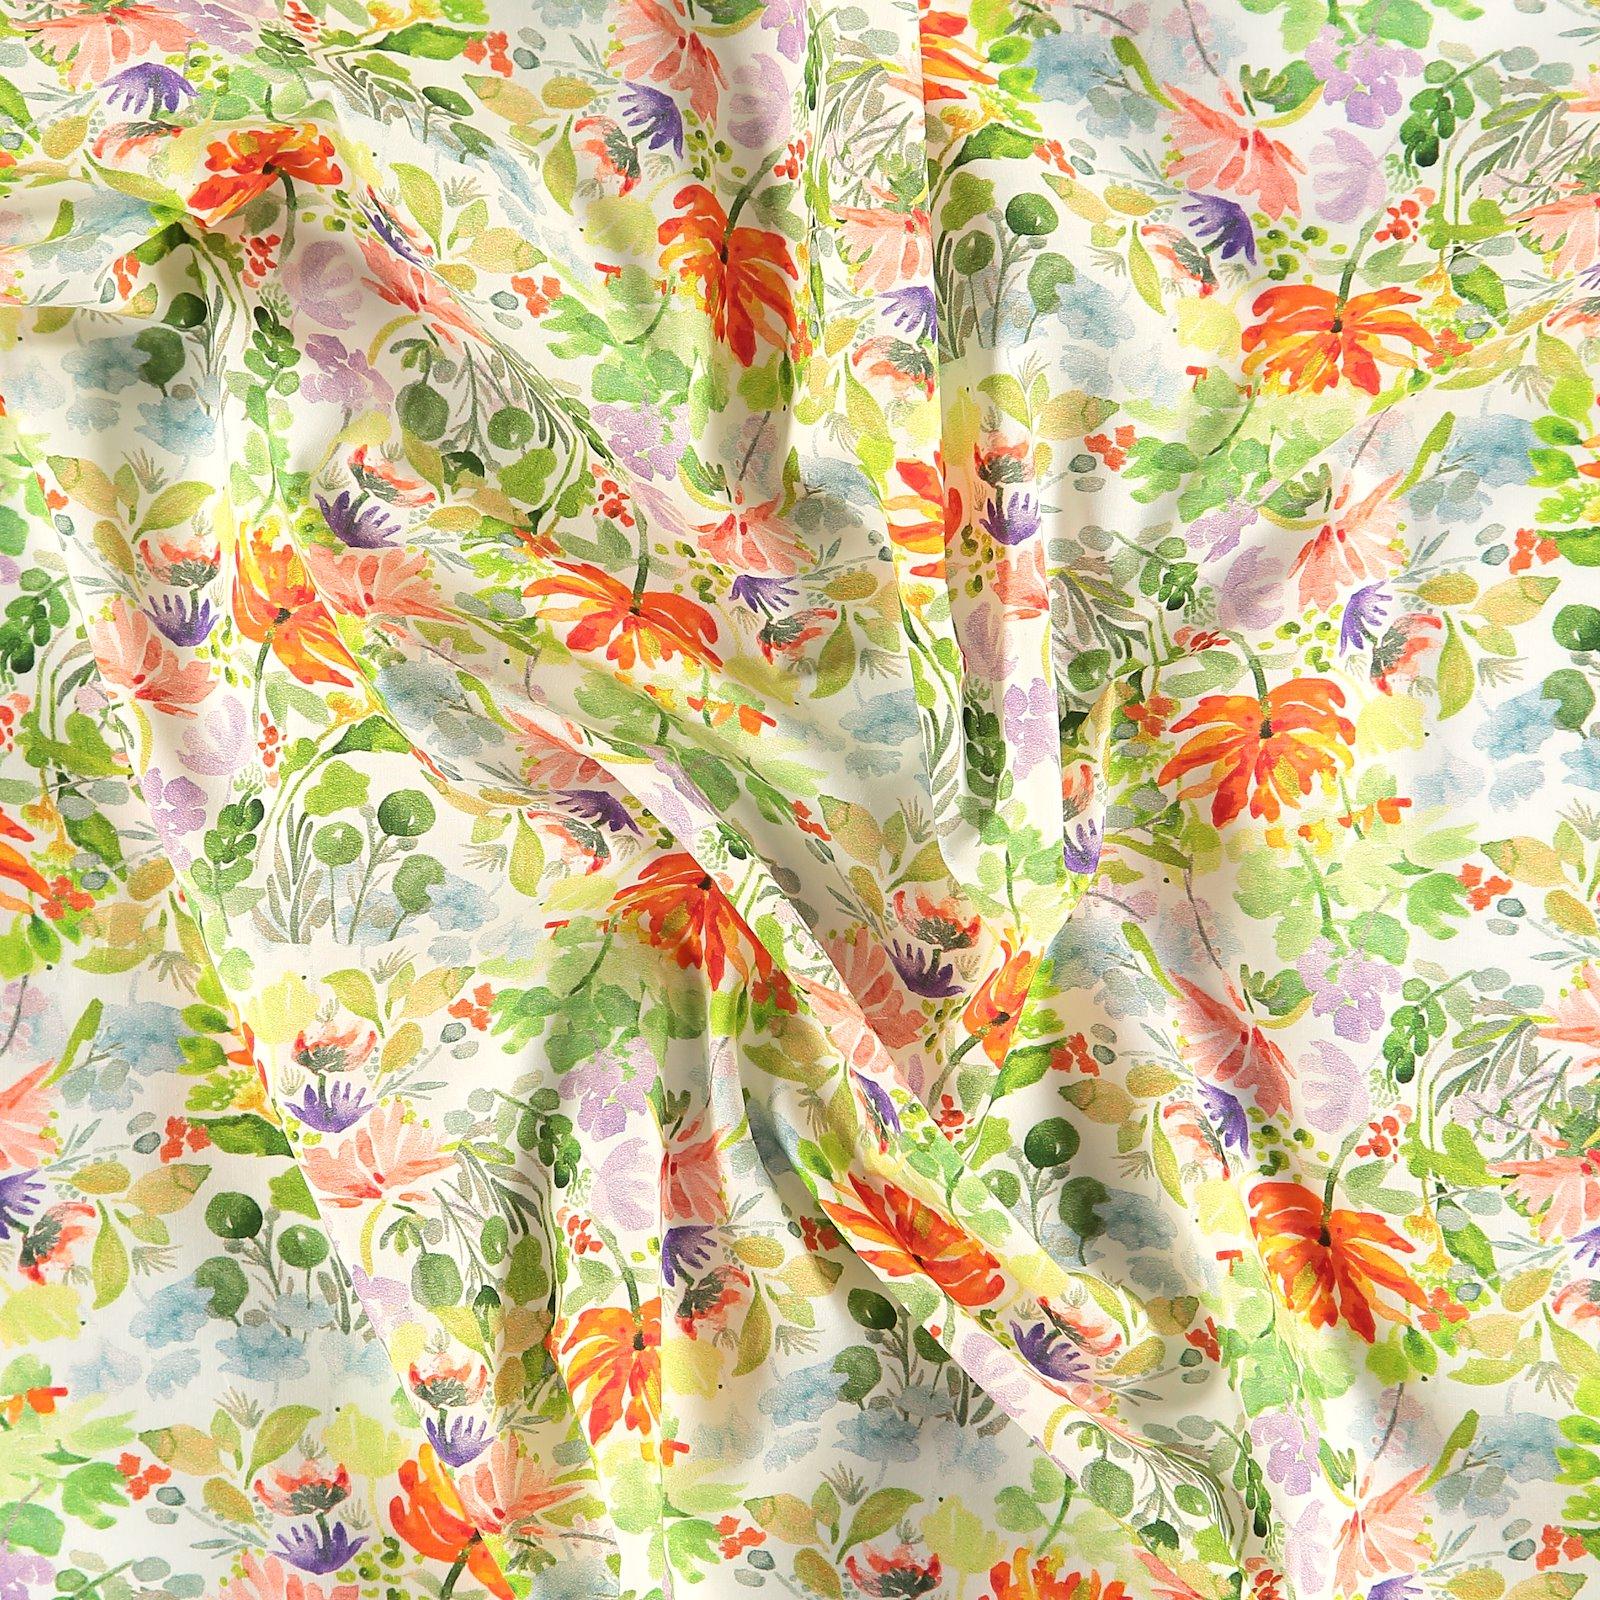 Baumwollpopeline, Weiß, farbige Blumen